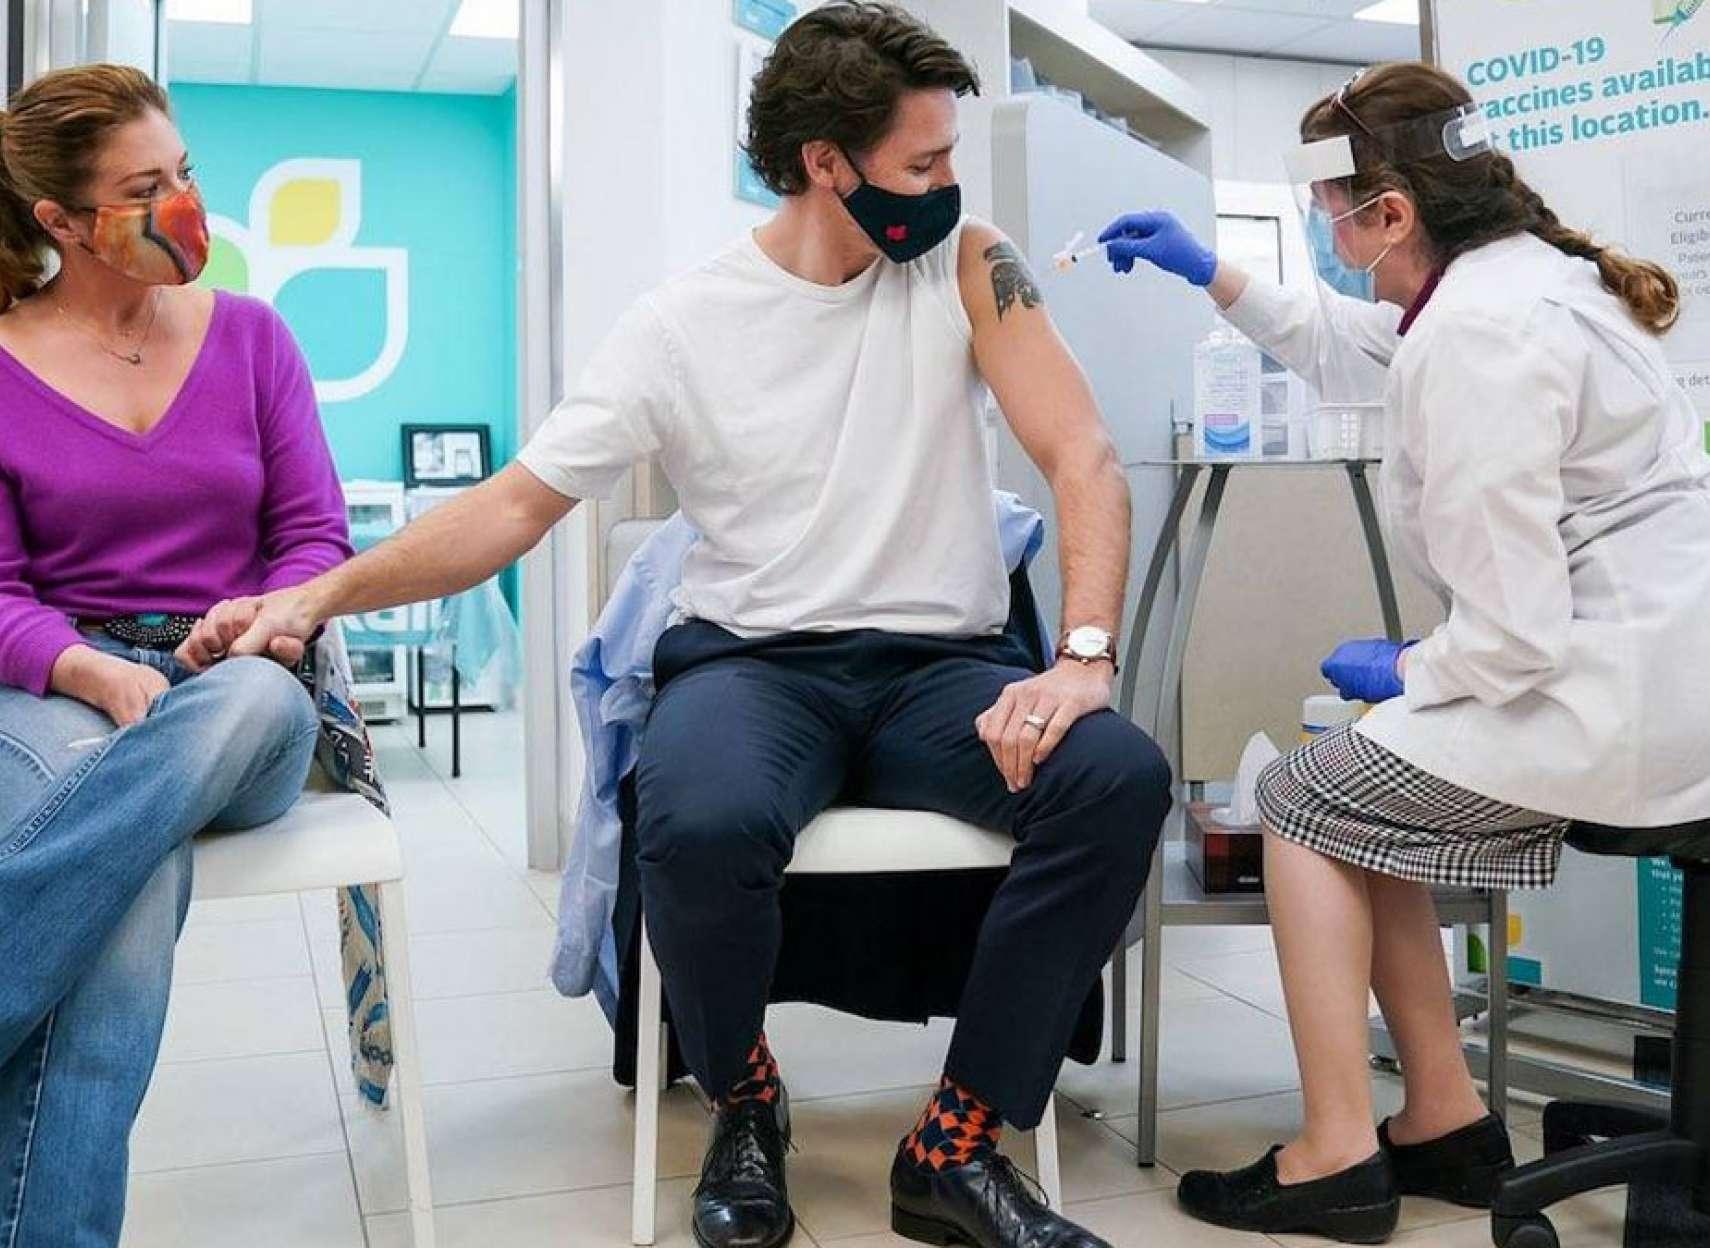 اخبار-کانادا-واکسن-آسترزنکا-بالای-۳۰-سال-بزنید-انتاریو-دو-لخته-خون-ترودو-وزرا-نخست-وزیران